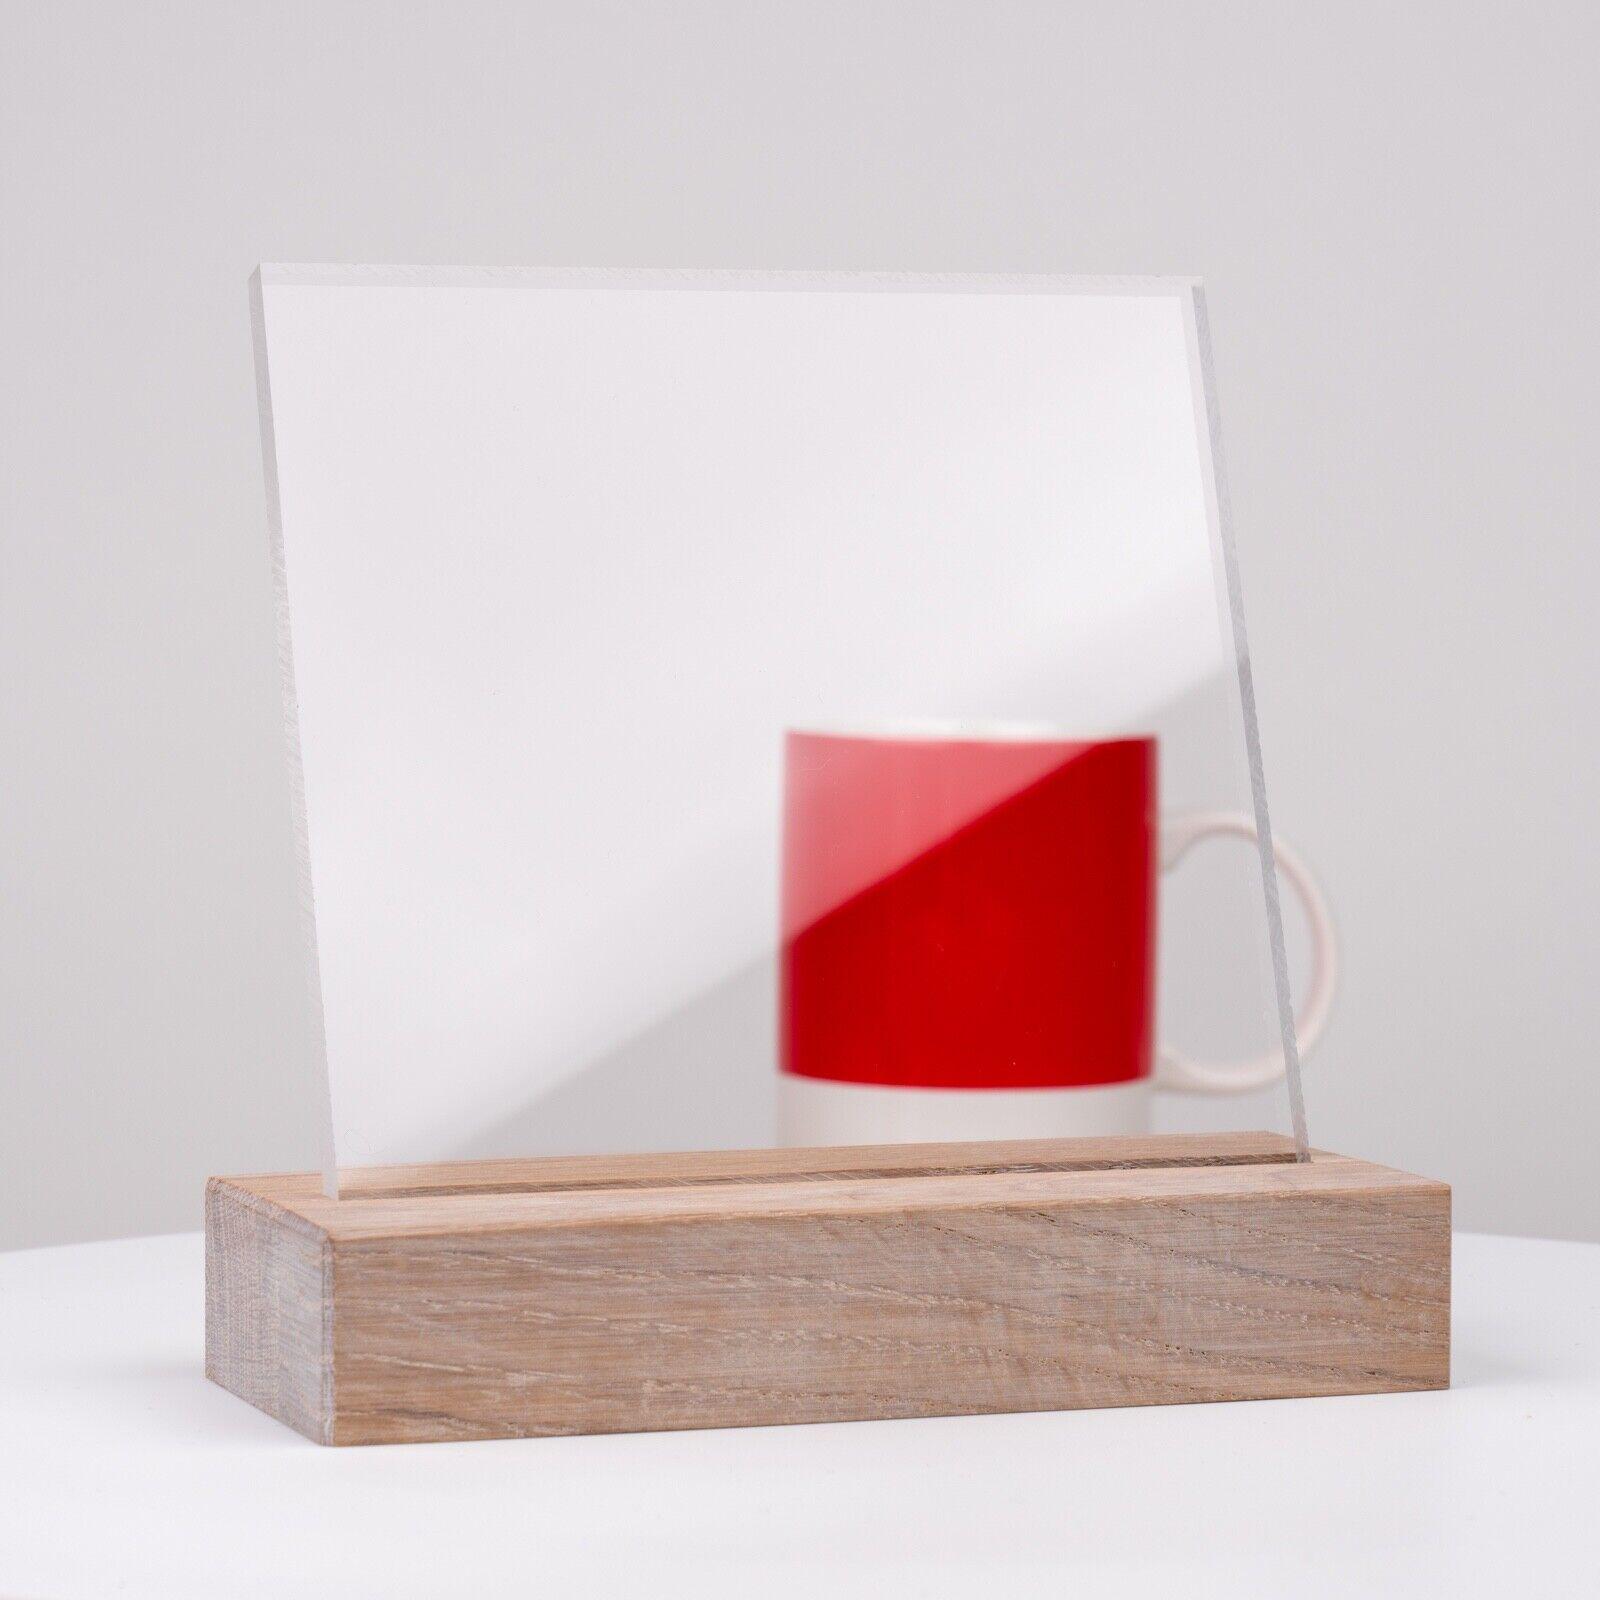 UV-Stabil Kanten unbearbeitet F/ür Innen und Au/ßen Zuschnitte  St/ärke 4 mm PMMA   Glasklare Platte in 500 x 500 mm DOLLE Acrylglas XT